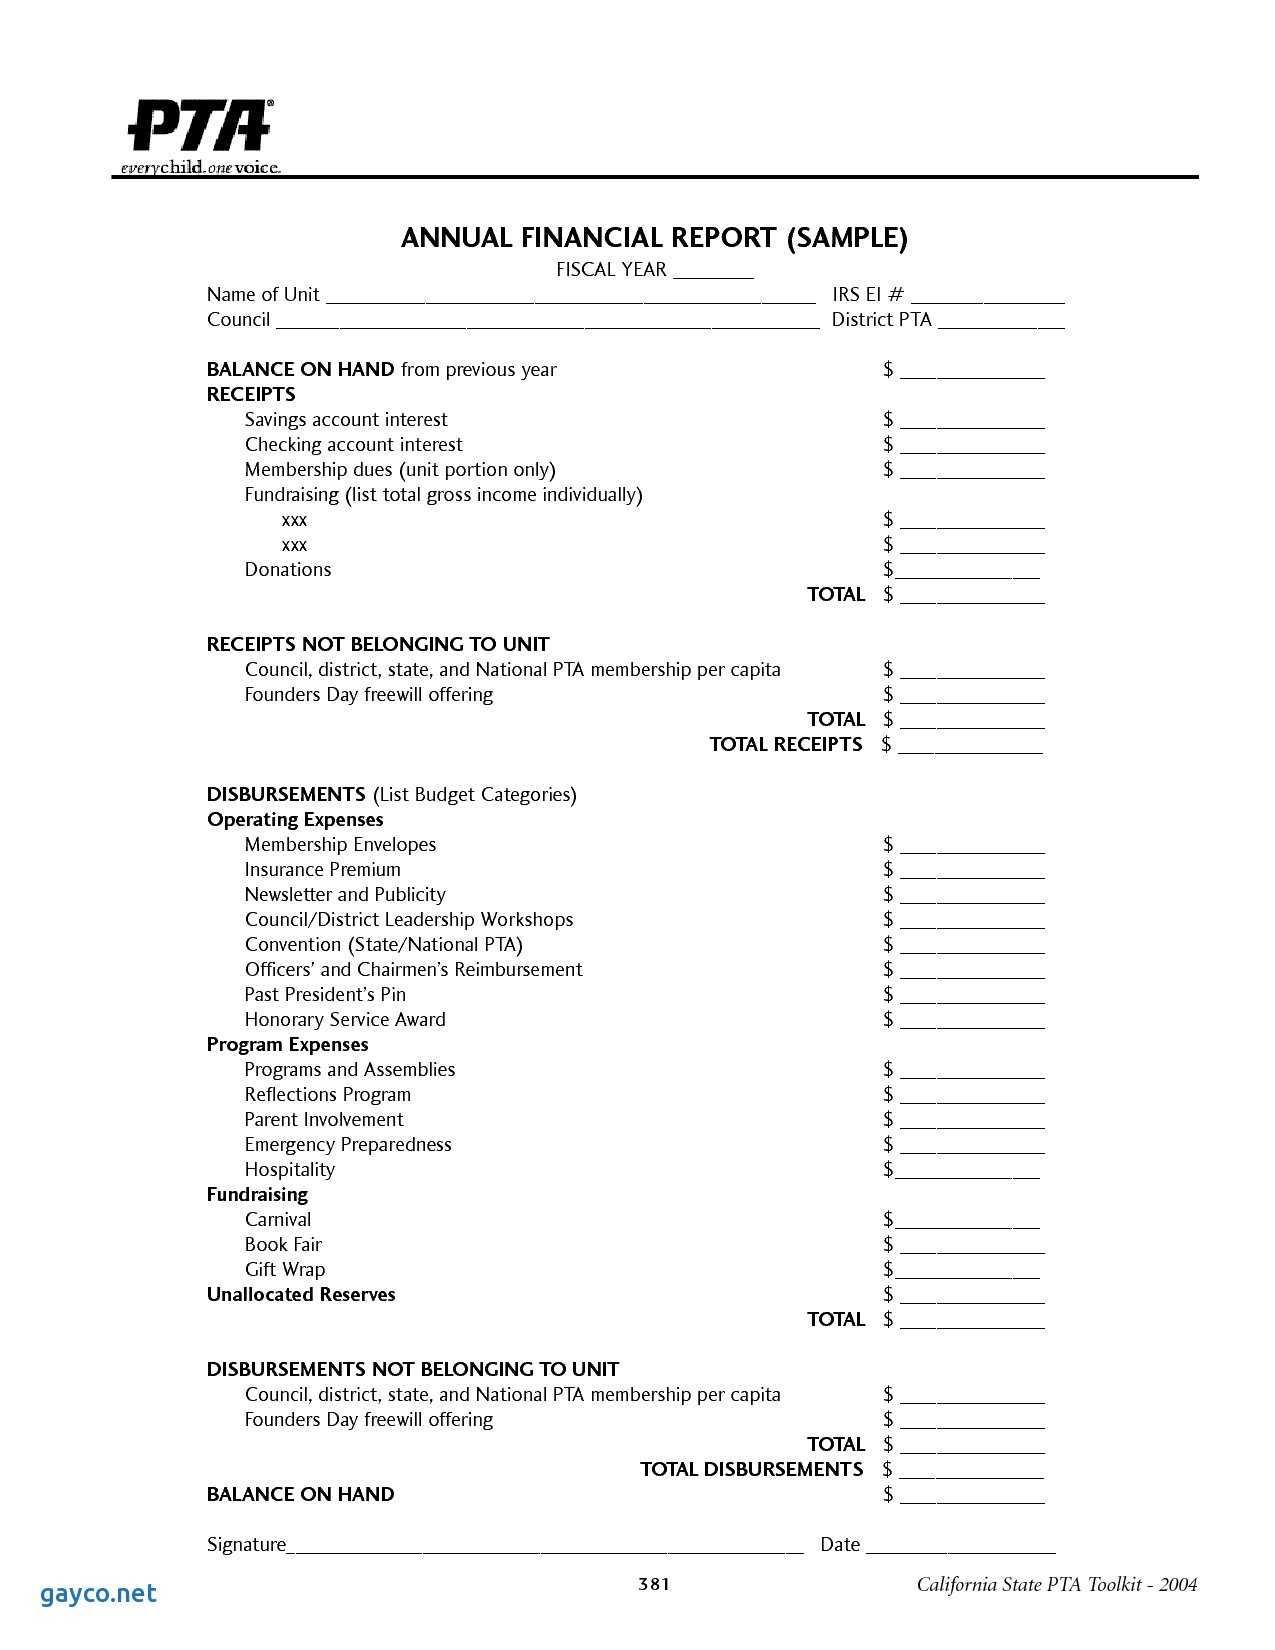 Treasurers Report Template Pdf Hoa Treasurer Sample Agm Intended For Treasurer's Report Agm Template